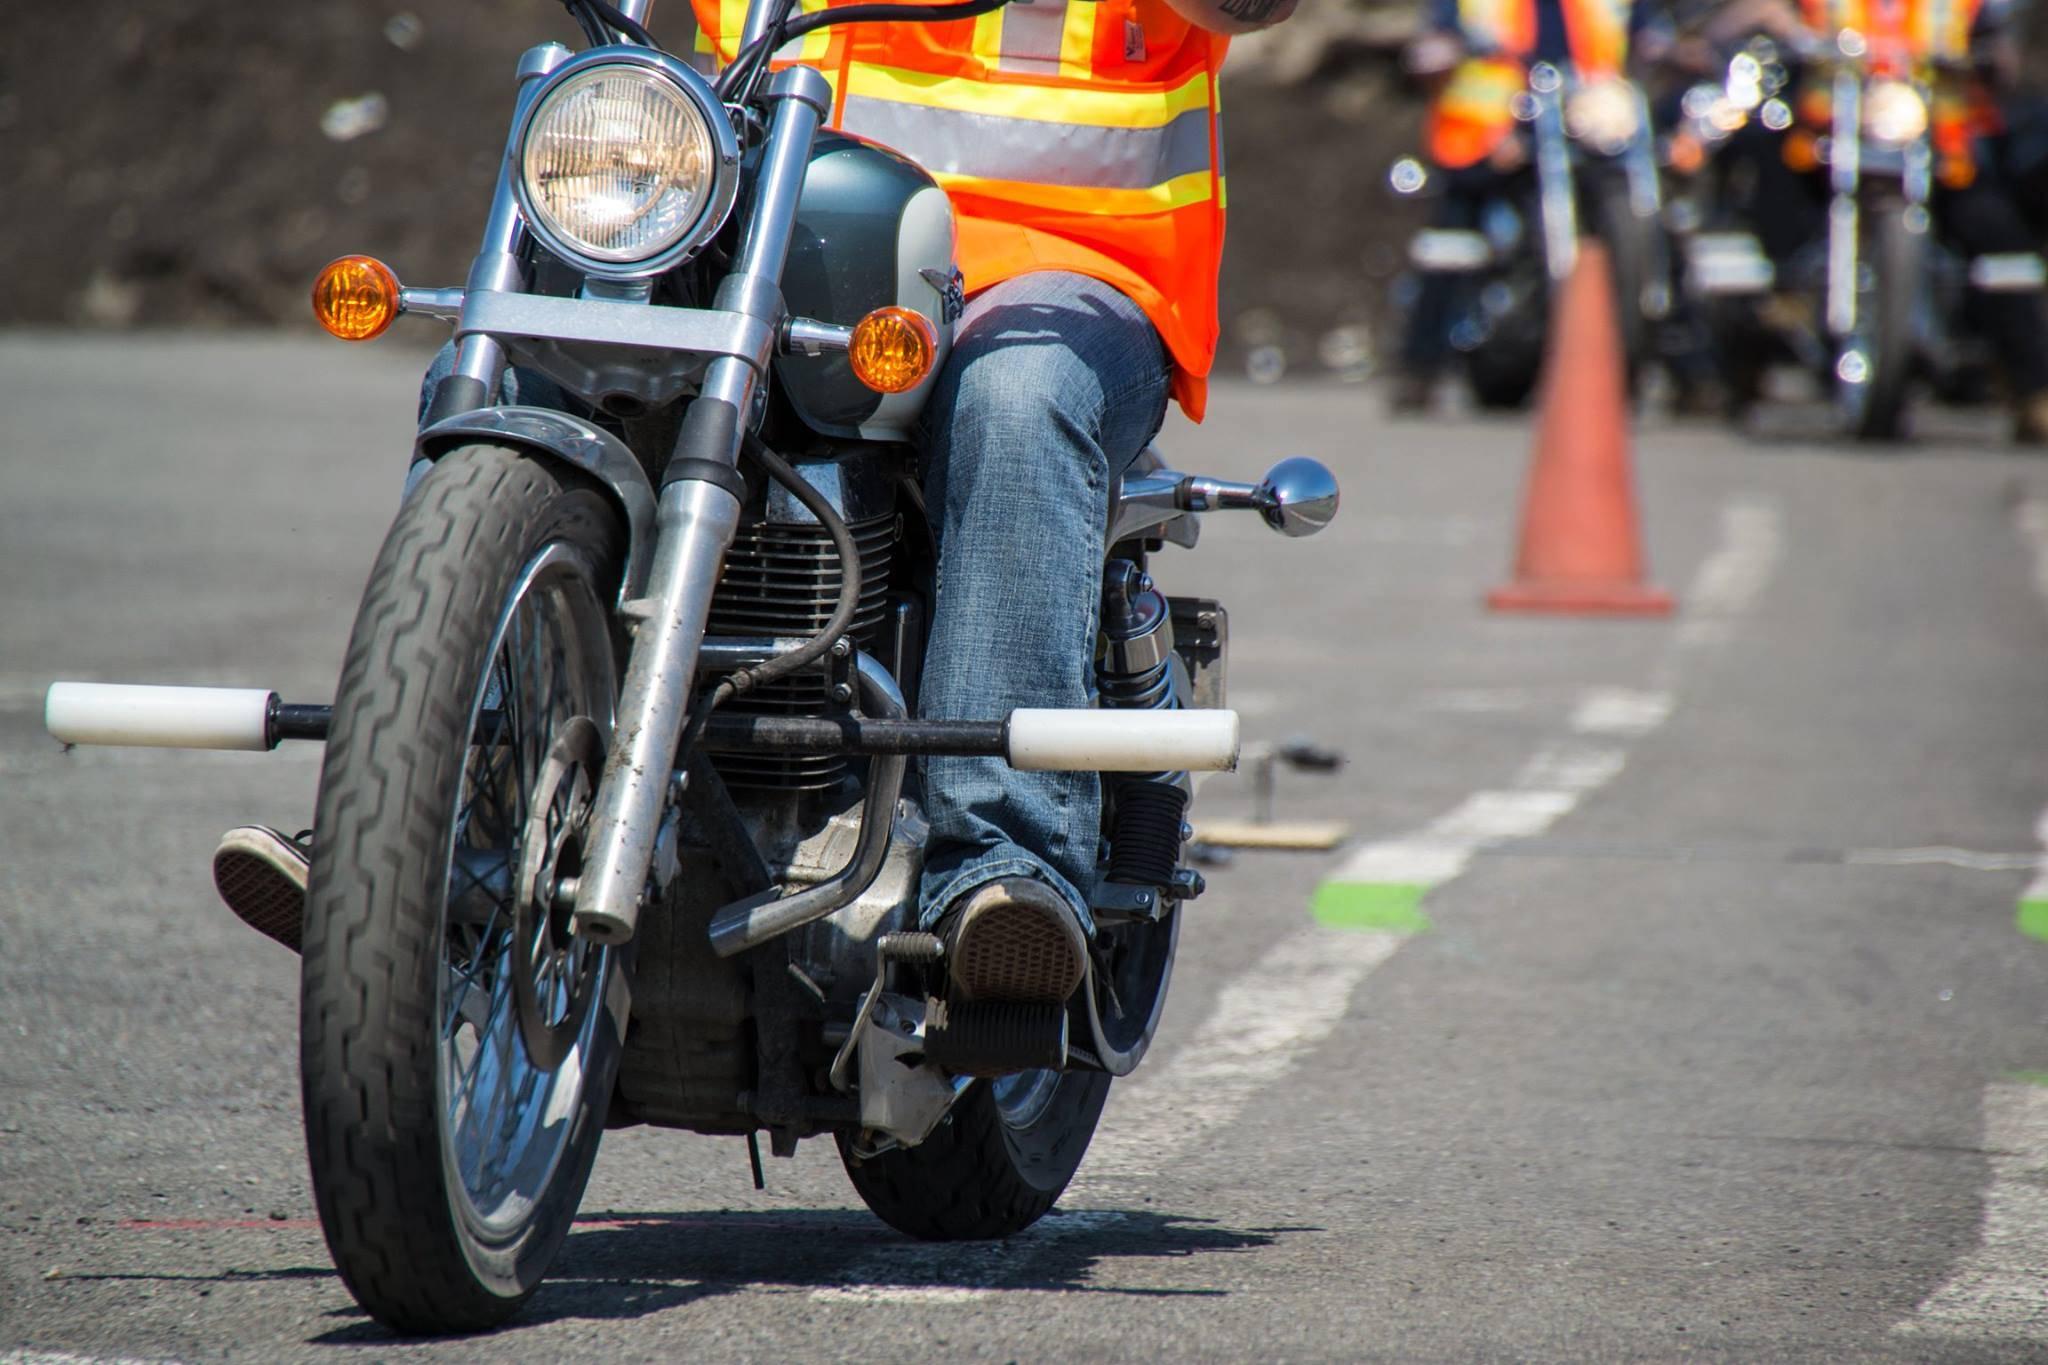 cole moto centre ville le moyen le plus rapide pour trouver les meilleurs coles de conduite. Black Bedroom Furniture Sets. Home Design Ideas